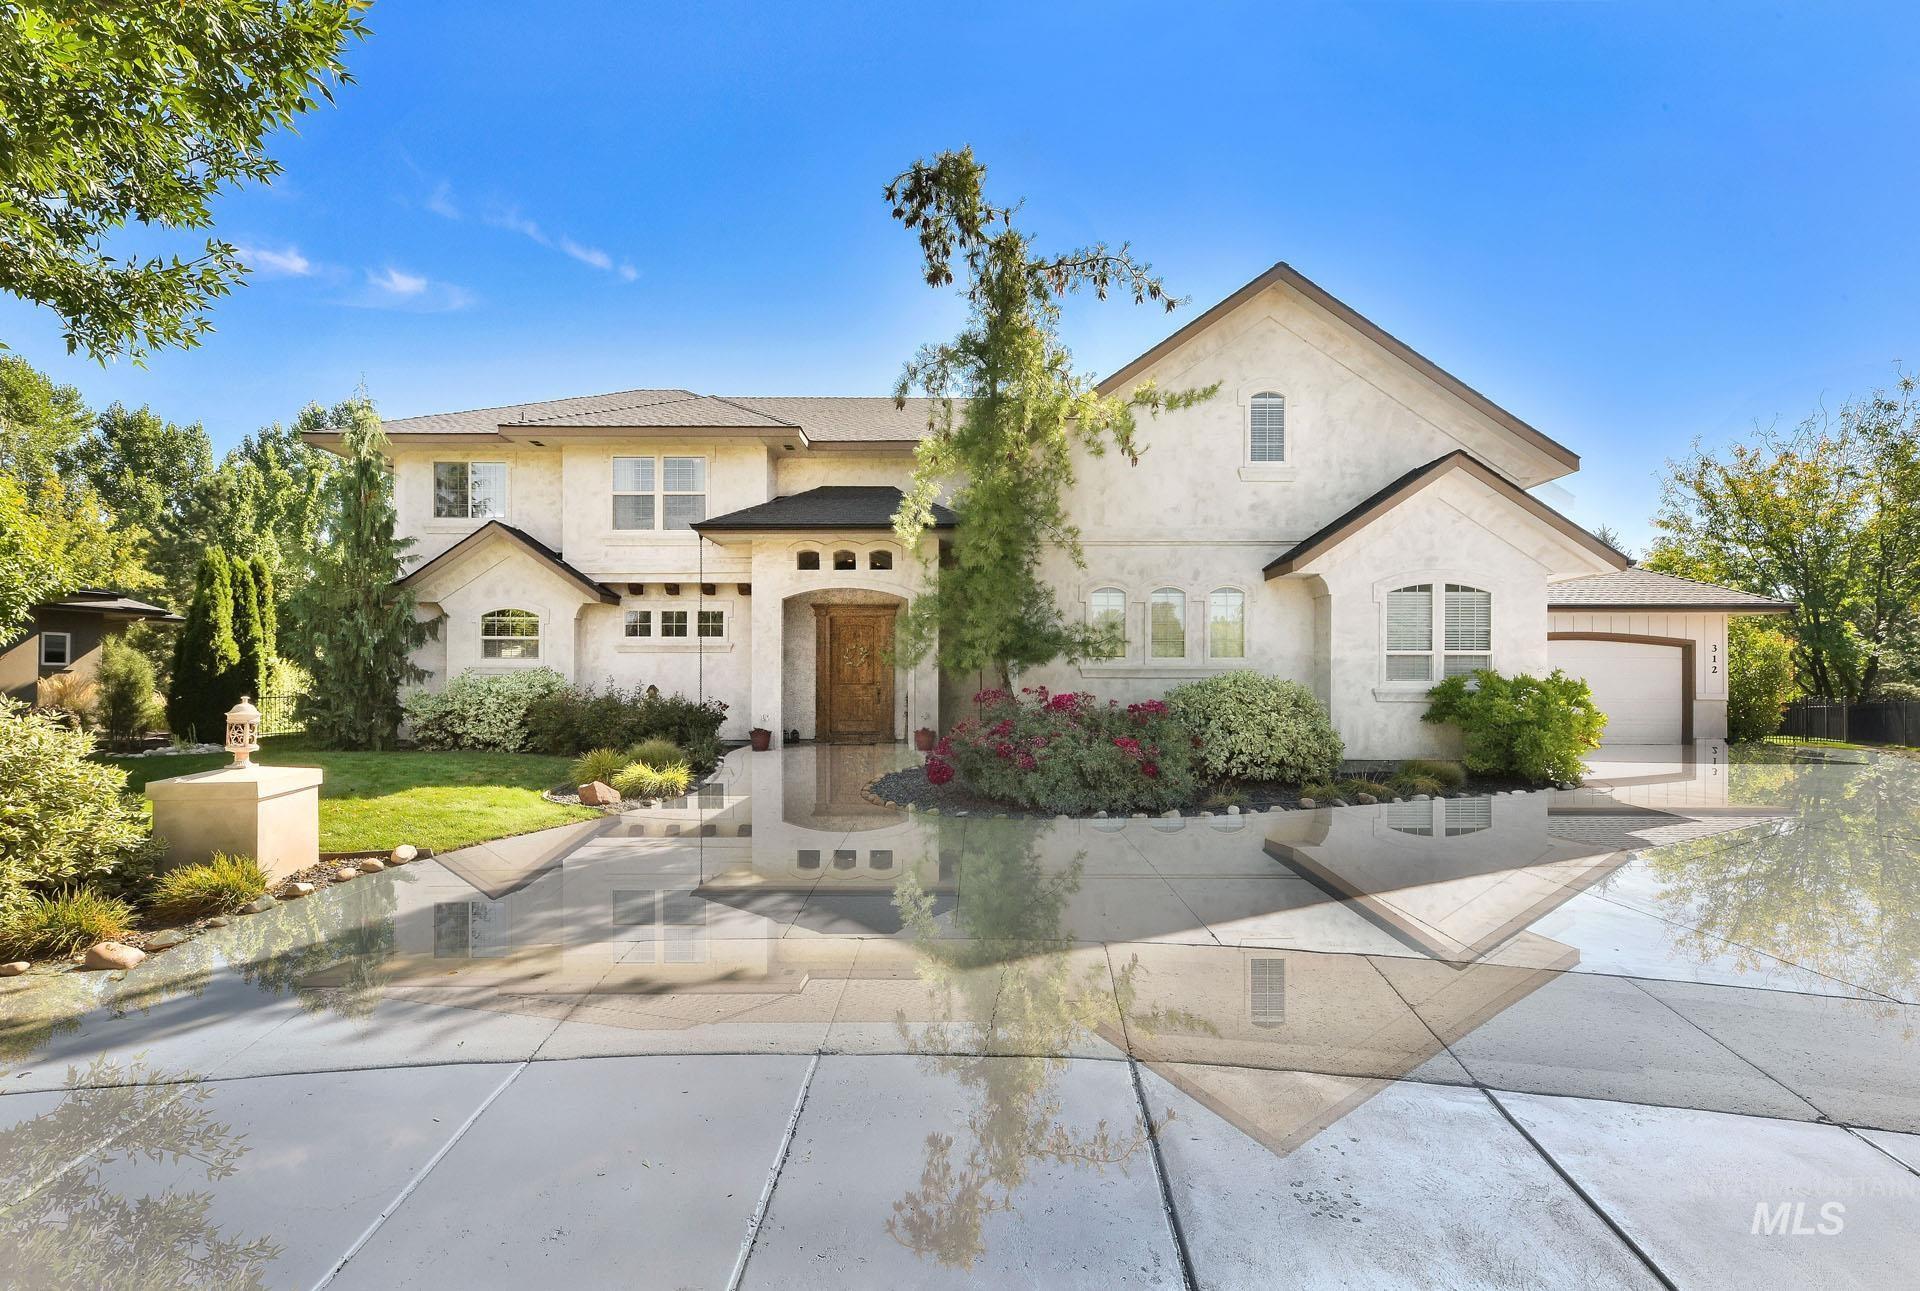 Clearcreek Cros Real Estate Listings Main Image